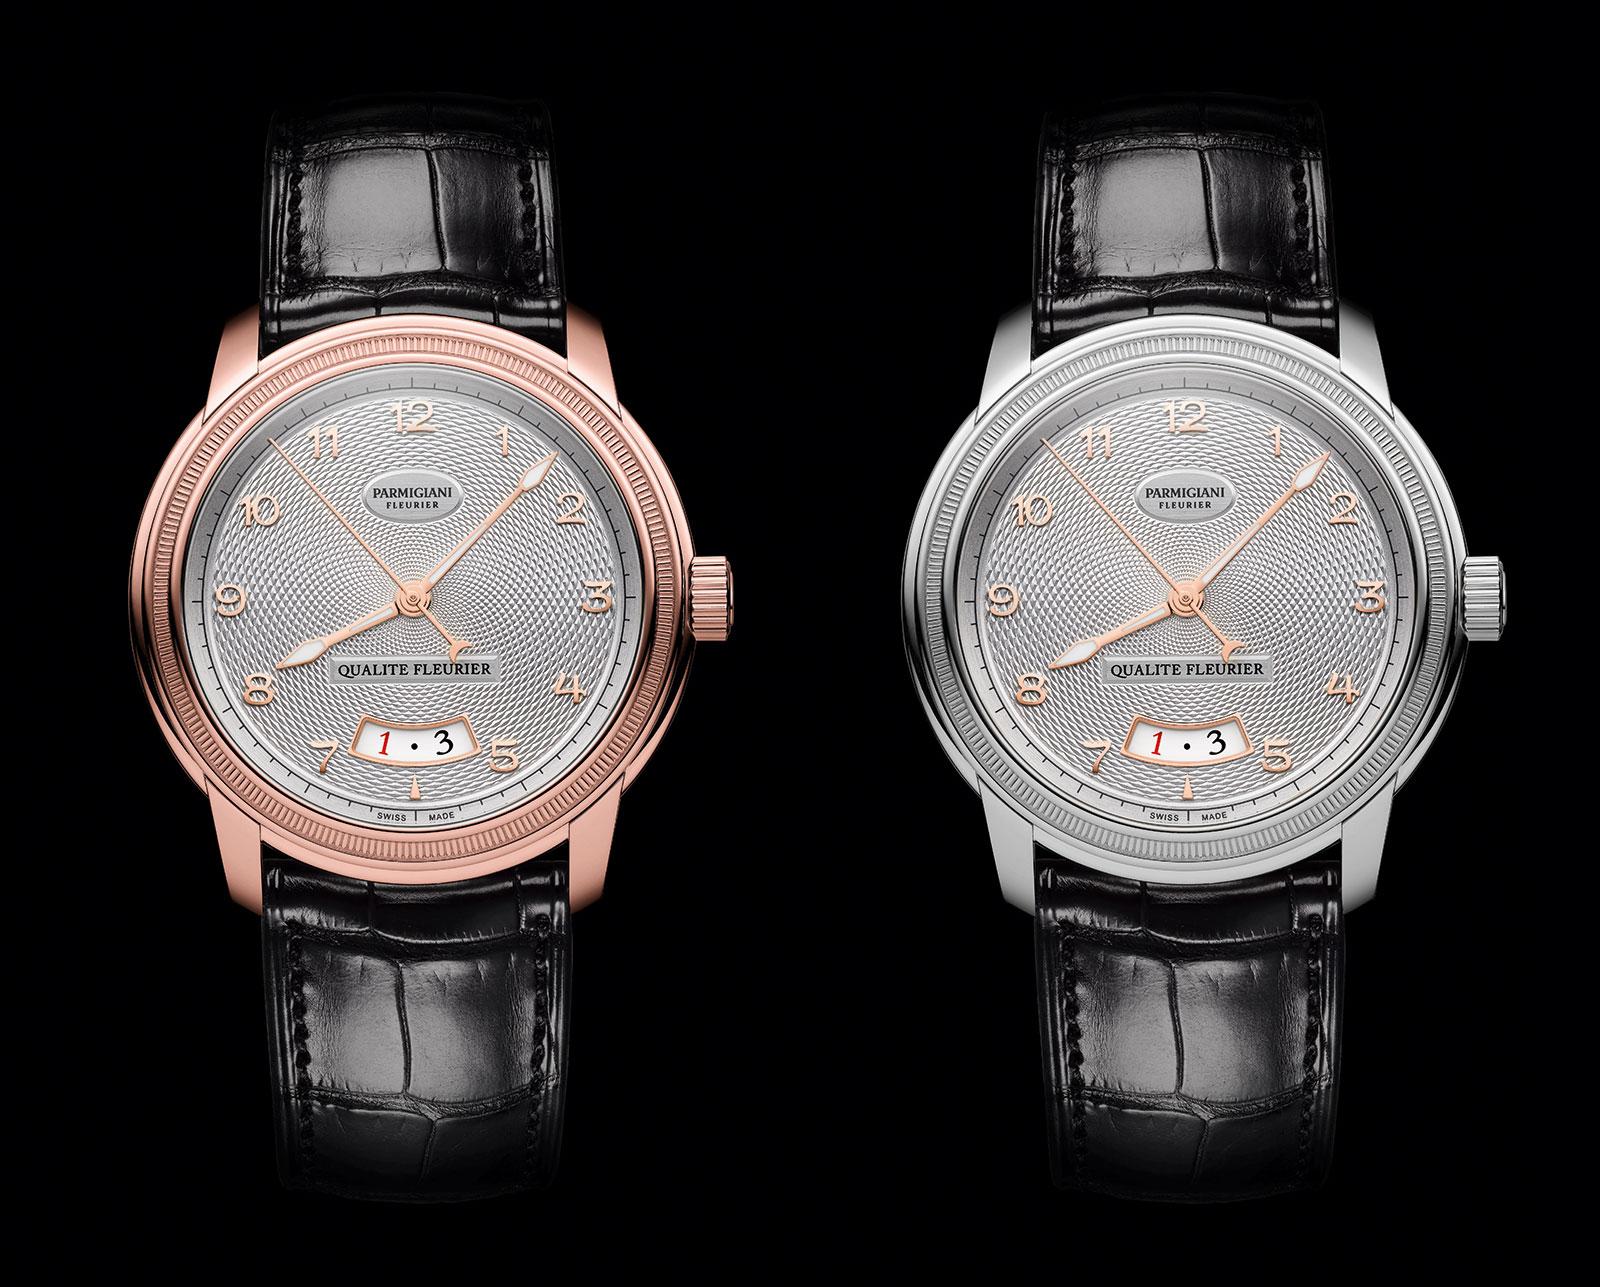 Parmigiani Toric Qualité Fleurier watch 1